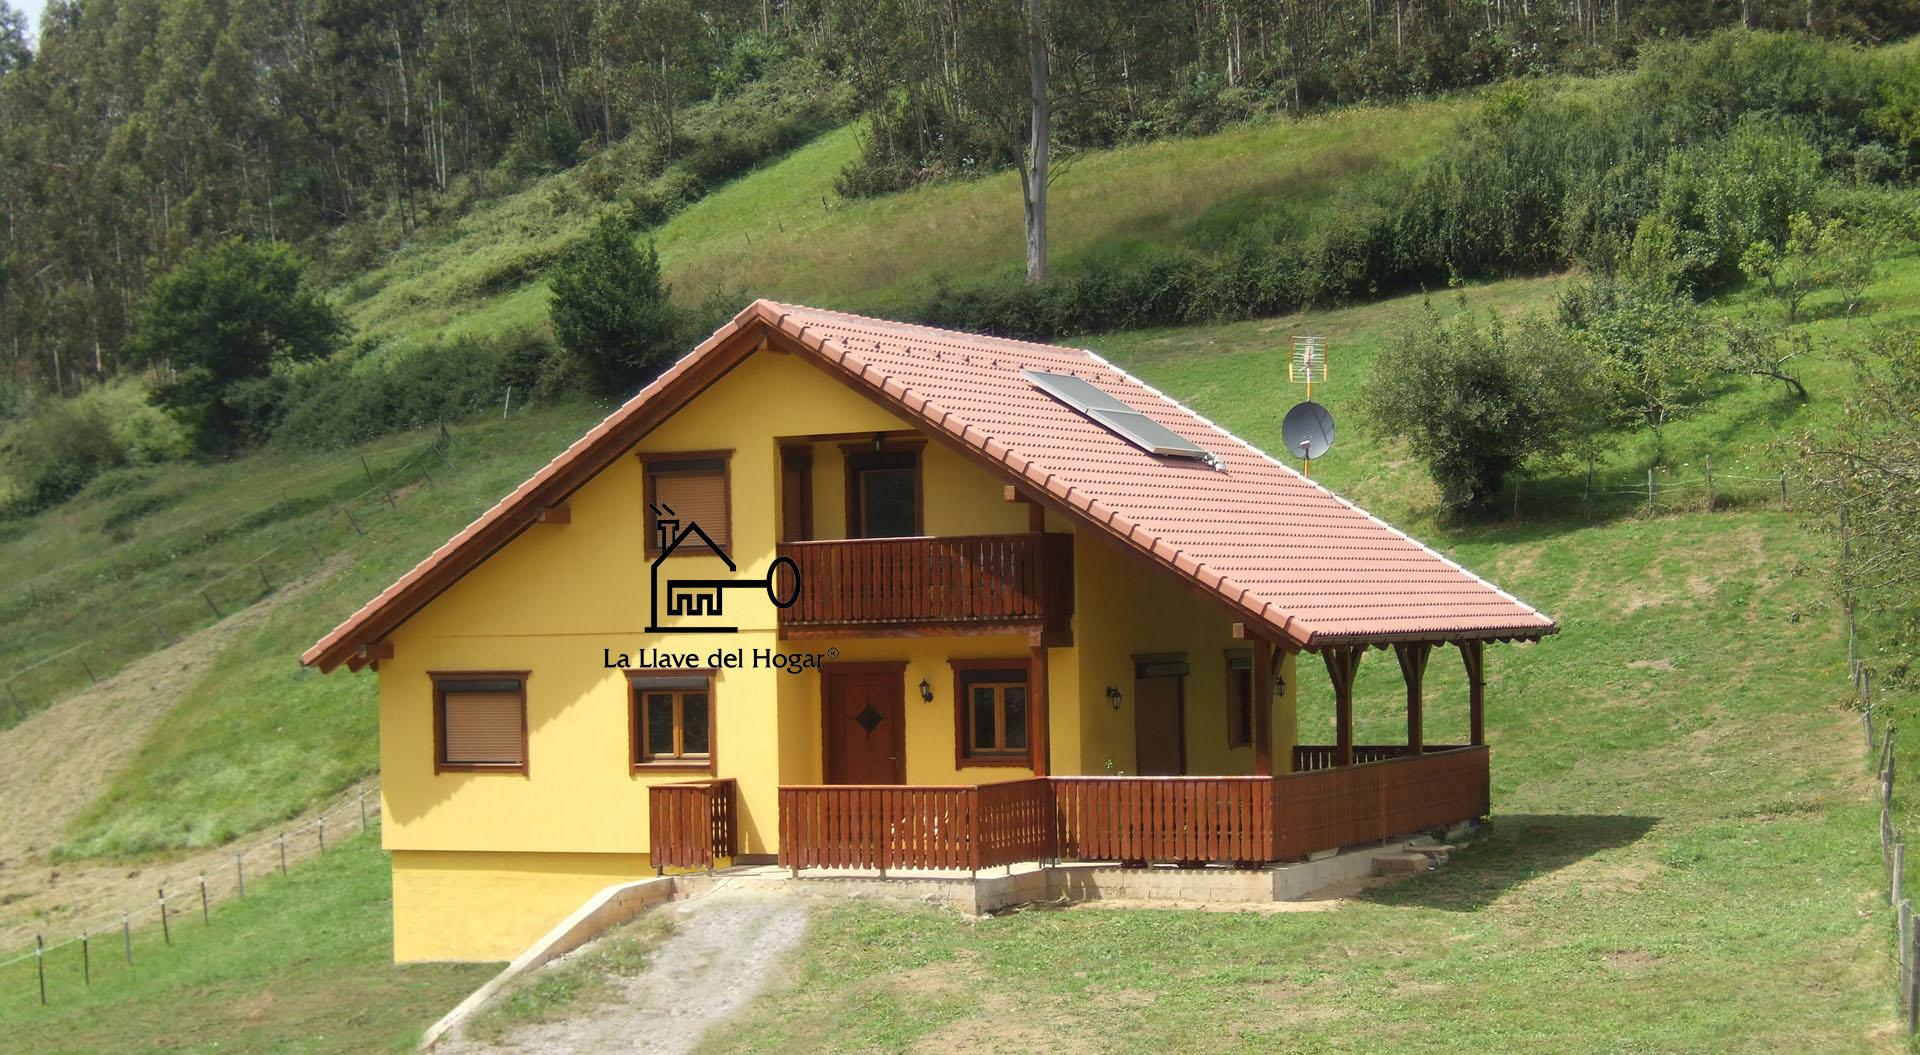 Casas de madera prefabricadas de entramado ligero con acabado obra tradicional